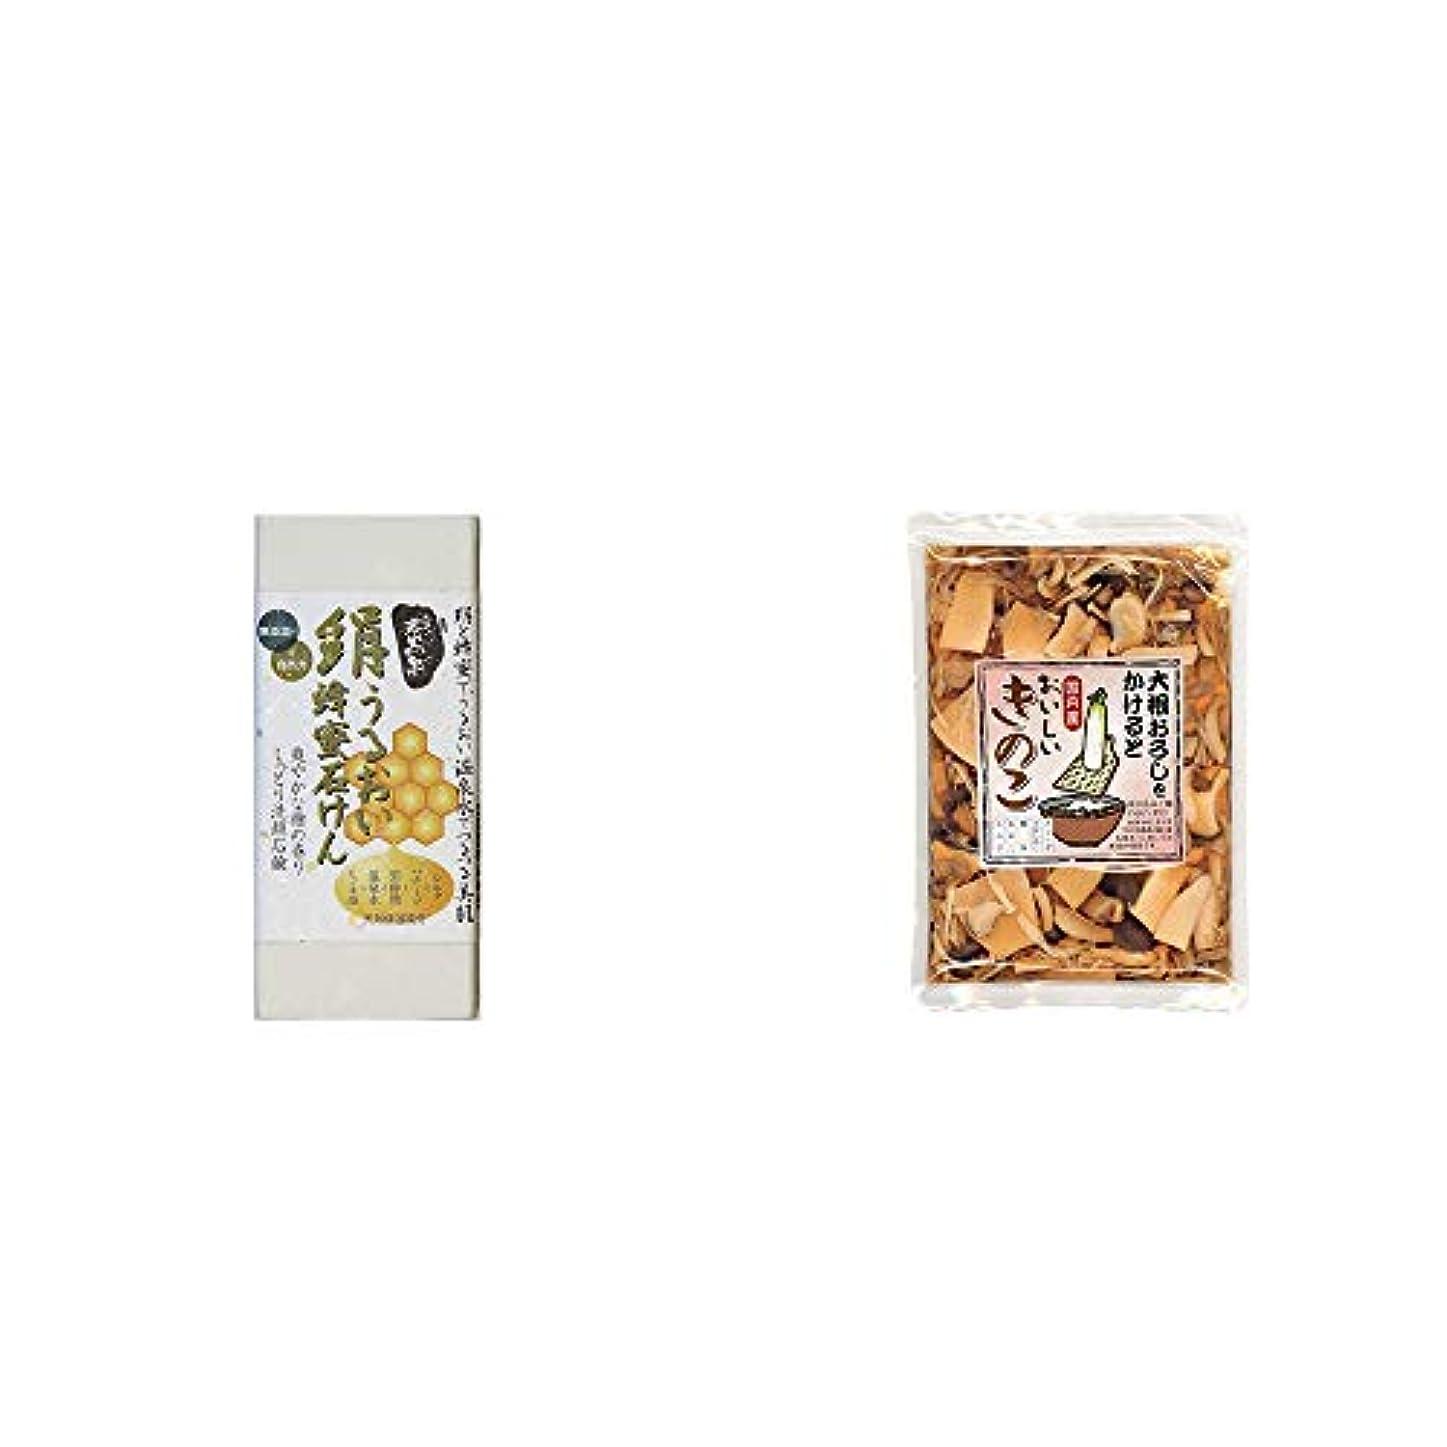 [2点セット] ひのき炭黒泉 絹うるおい蜂蜜石けん(75g×2)?大根おろしをかけると おいしいきのこ(180g)